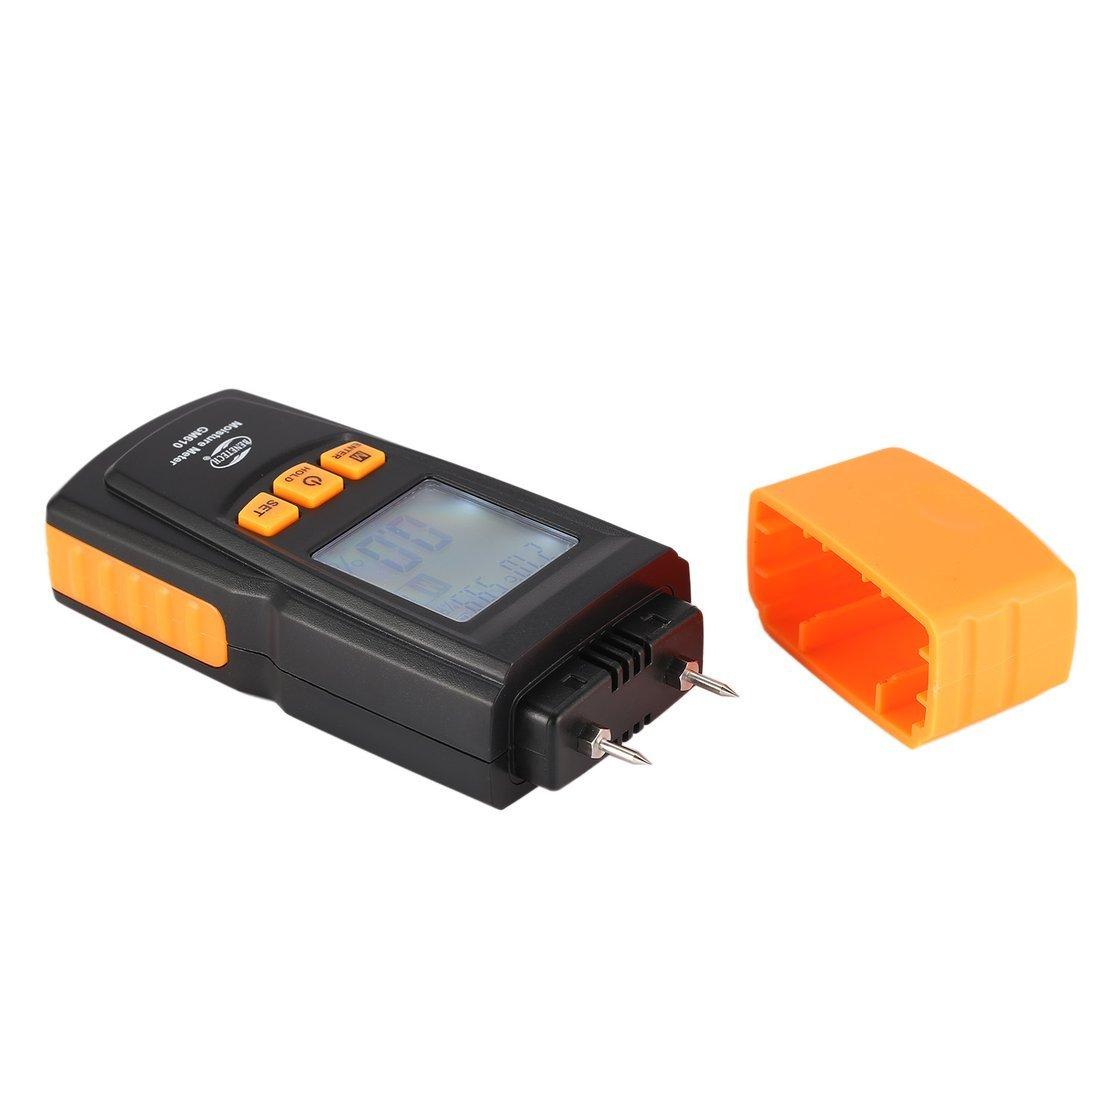 Con Termometro Igrometro Con Avvisi Wicub Sensore Intelligente Wifi Wireless Che Rileva Temperatura E Umidita Nero Ifgf Org Au Termometro digital higrometro temperatura humedad con sonda. ifgf melbourne